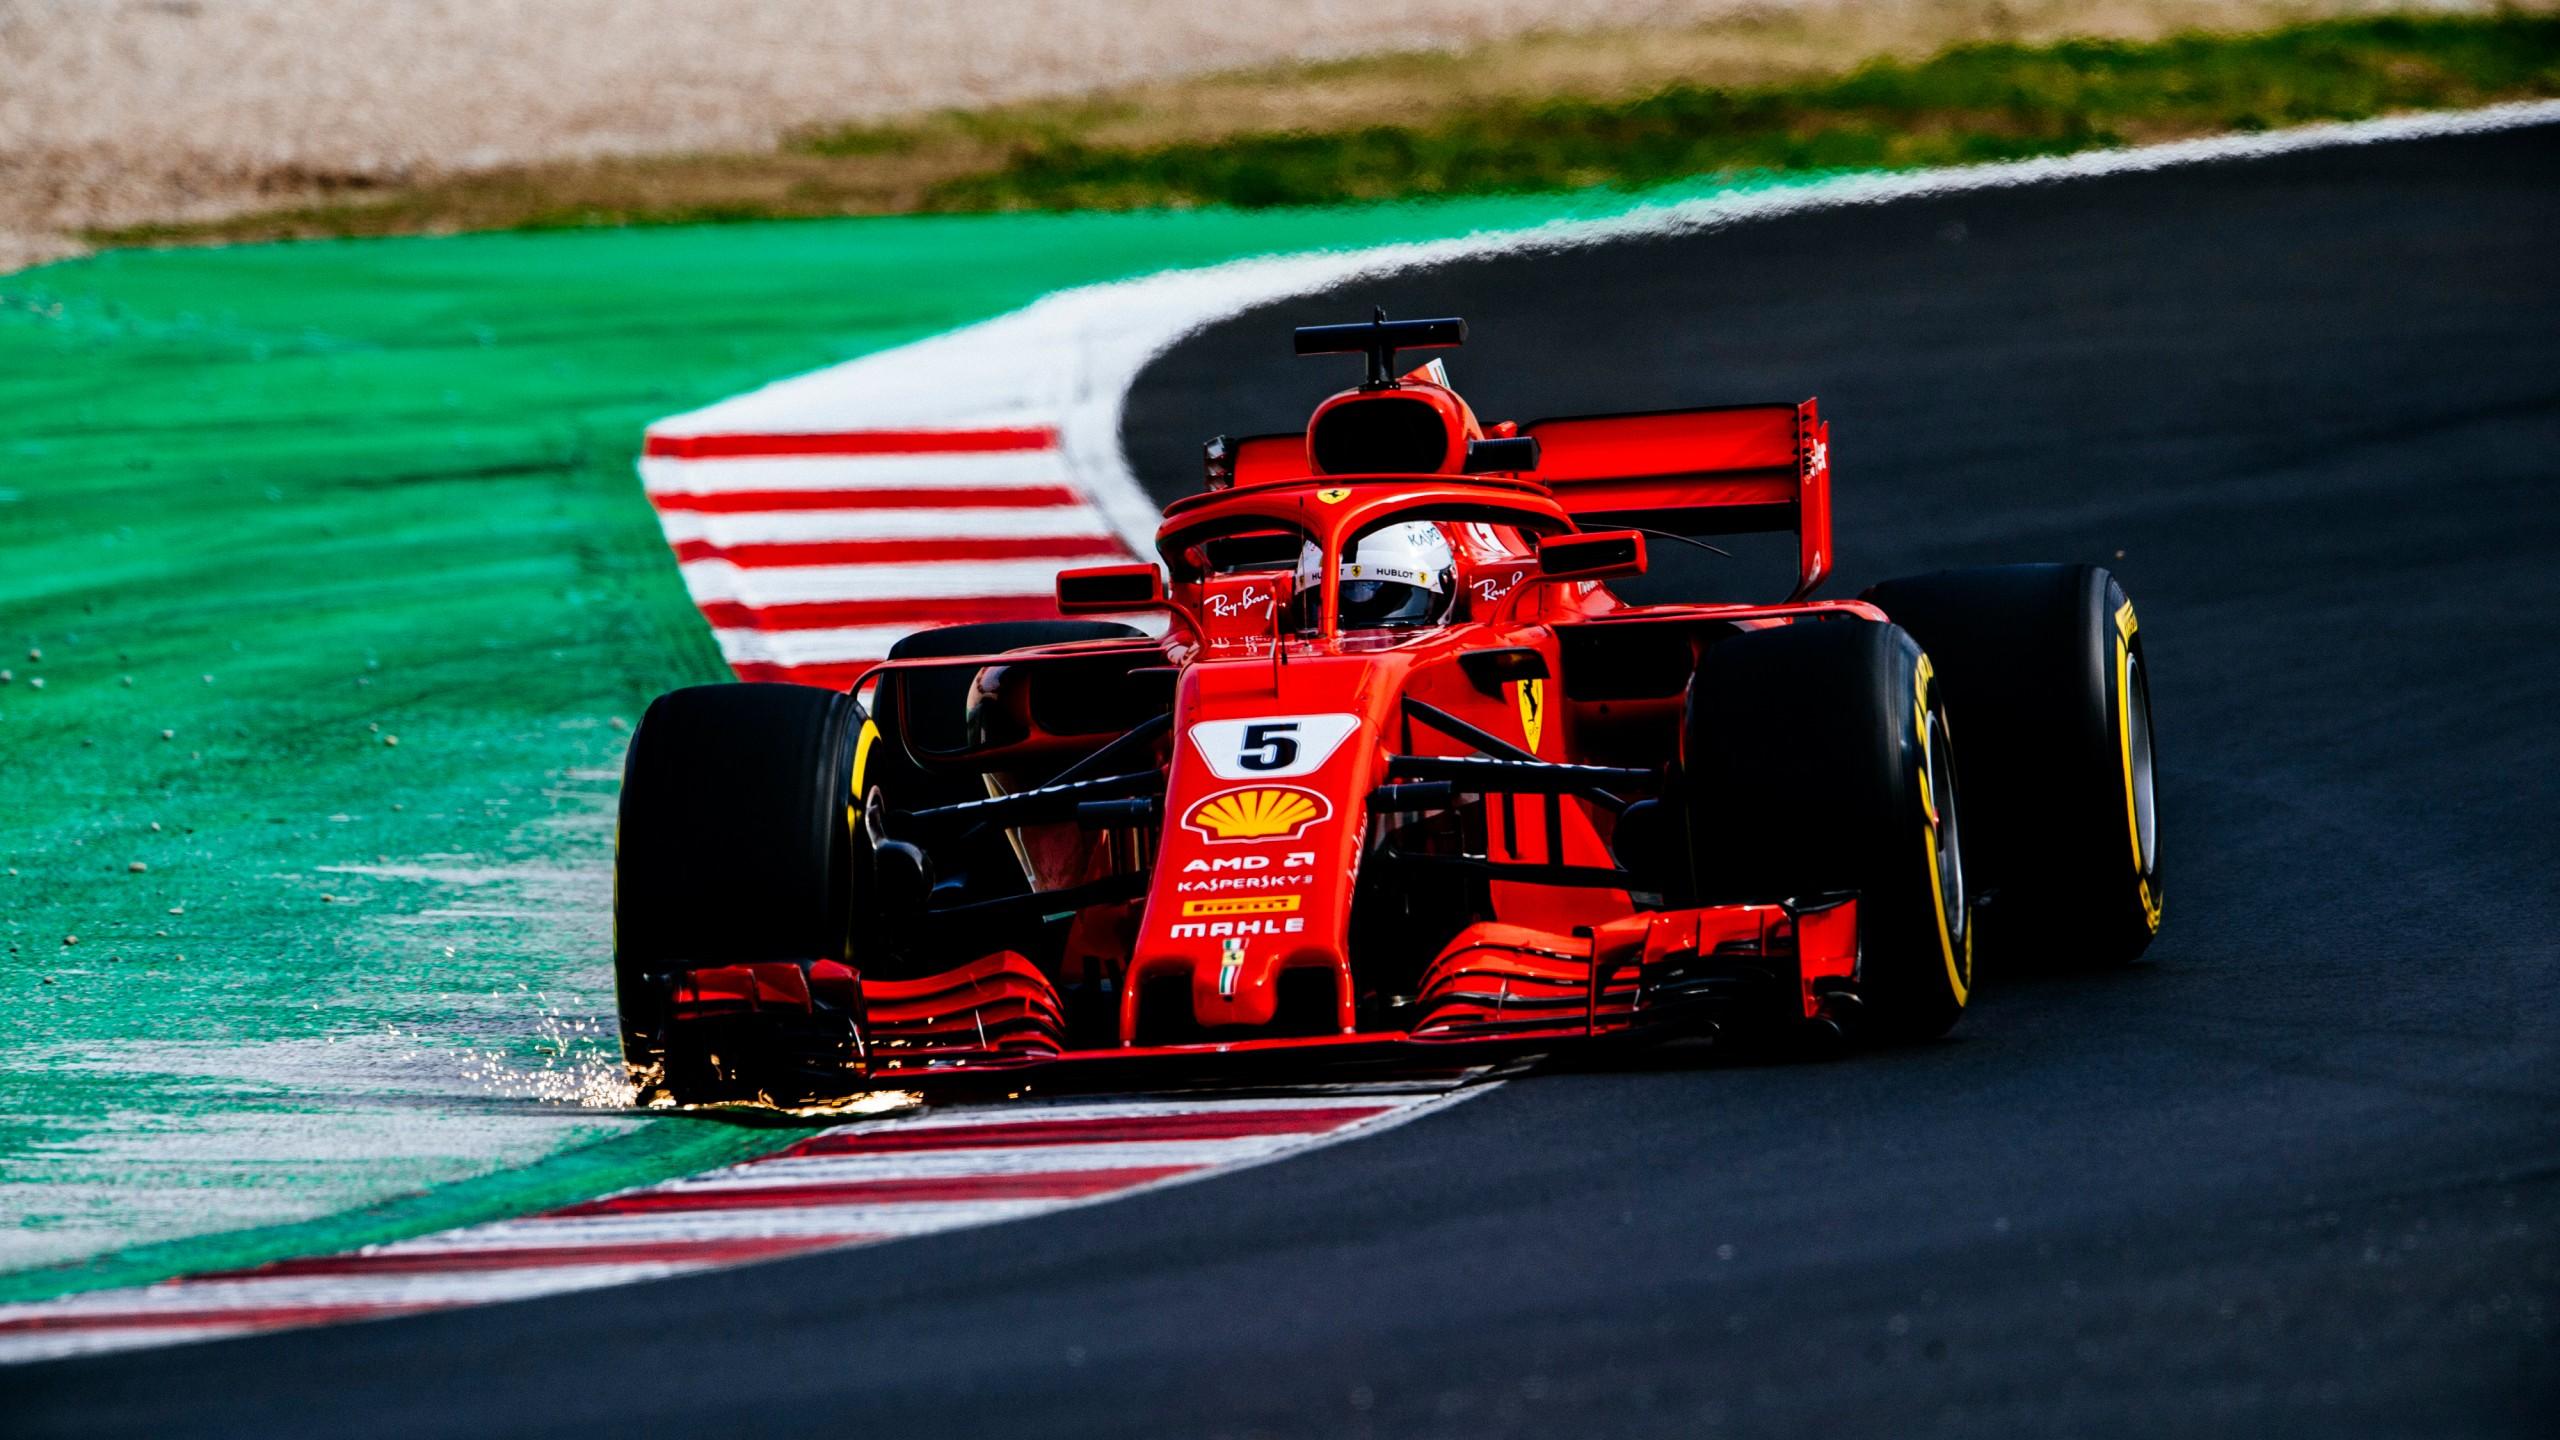 Www Hummer Car Wallpapers Com 2018 Ferrari Sf71h F1 Formula 1 4k 2 Wallpaper Hd Car